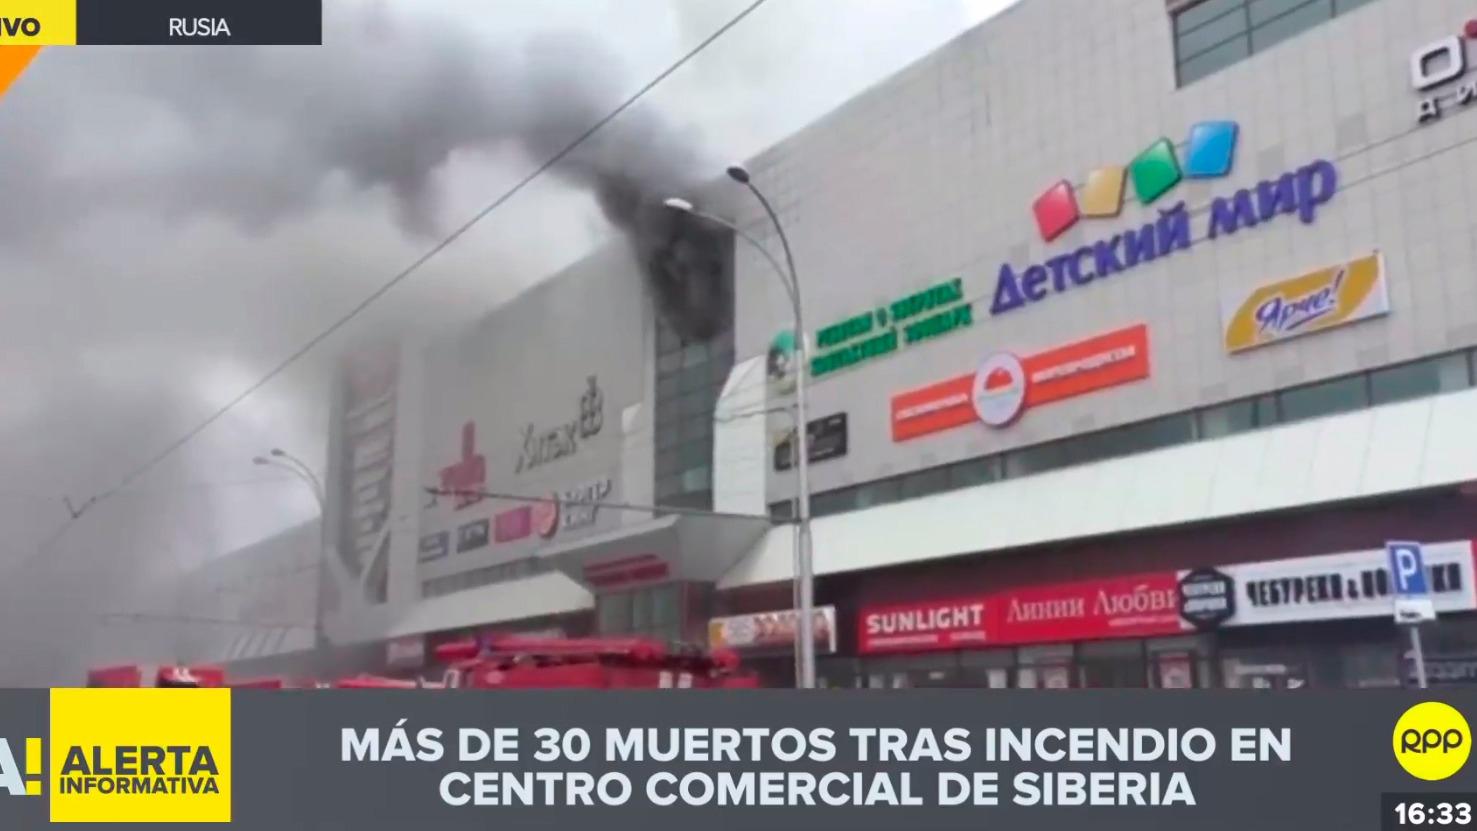 Más de 30 muertos tras incendio en centro comercial de Siberia